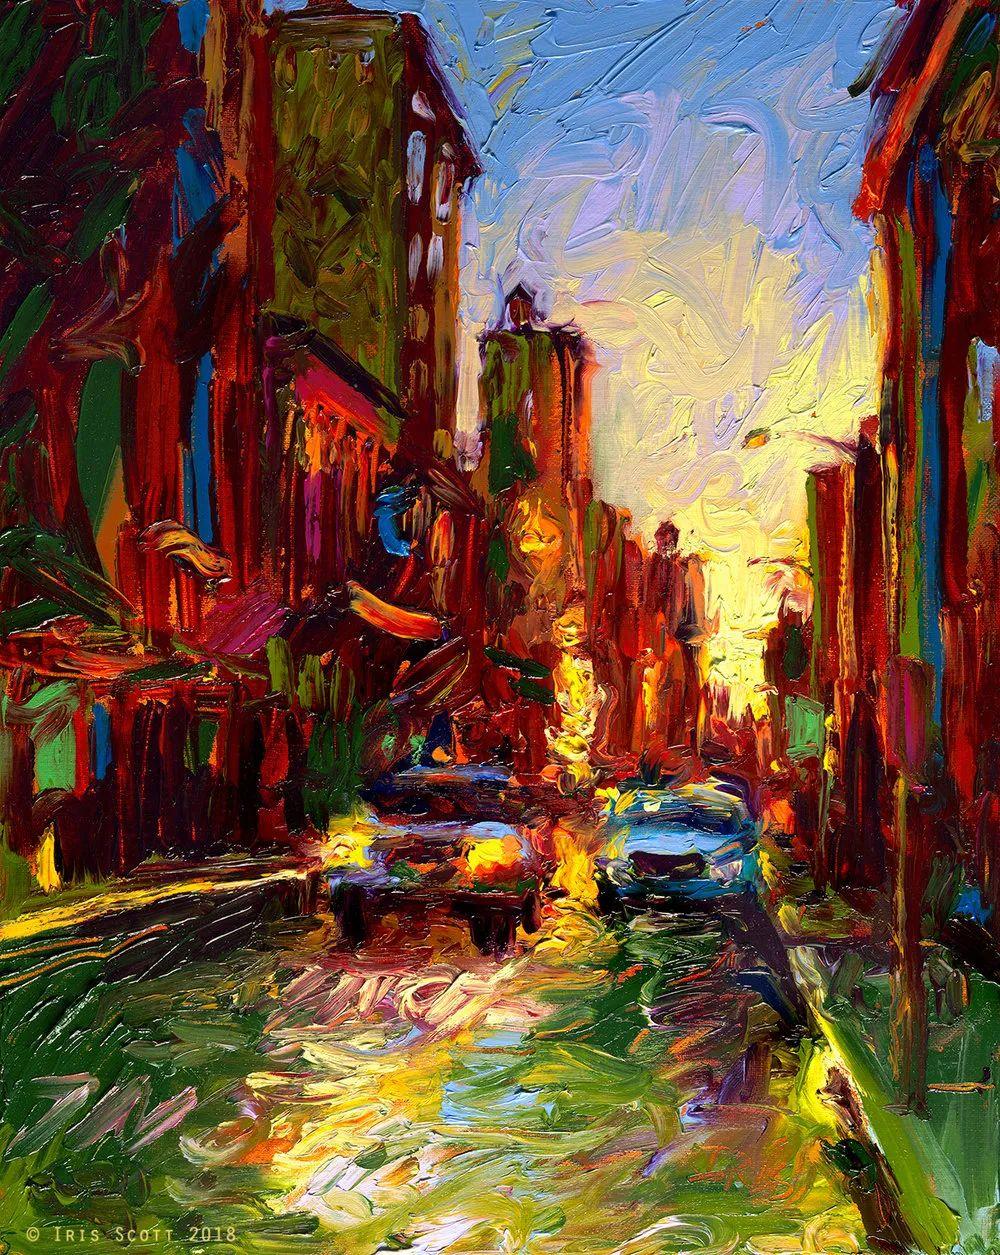 用颜料触摸这个世界!美国画家Iris Scott画选(下)——人物街景篇插图53